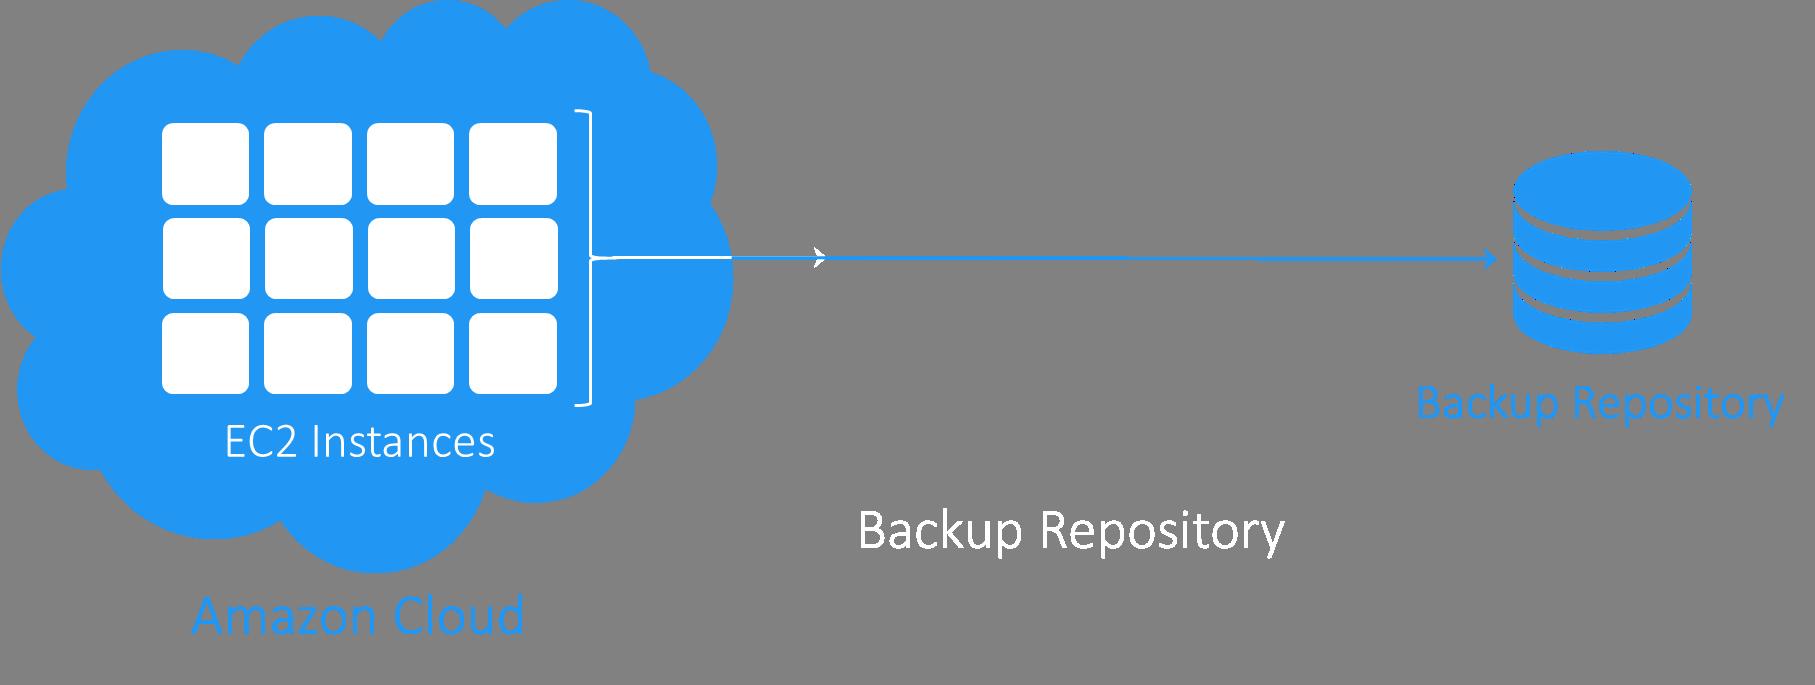 EC2 Backup